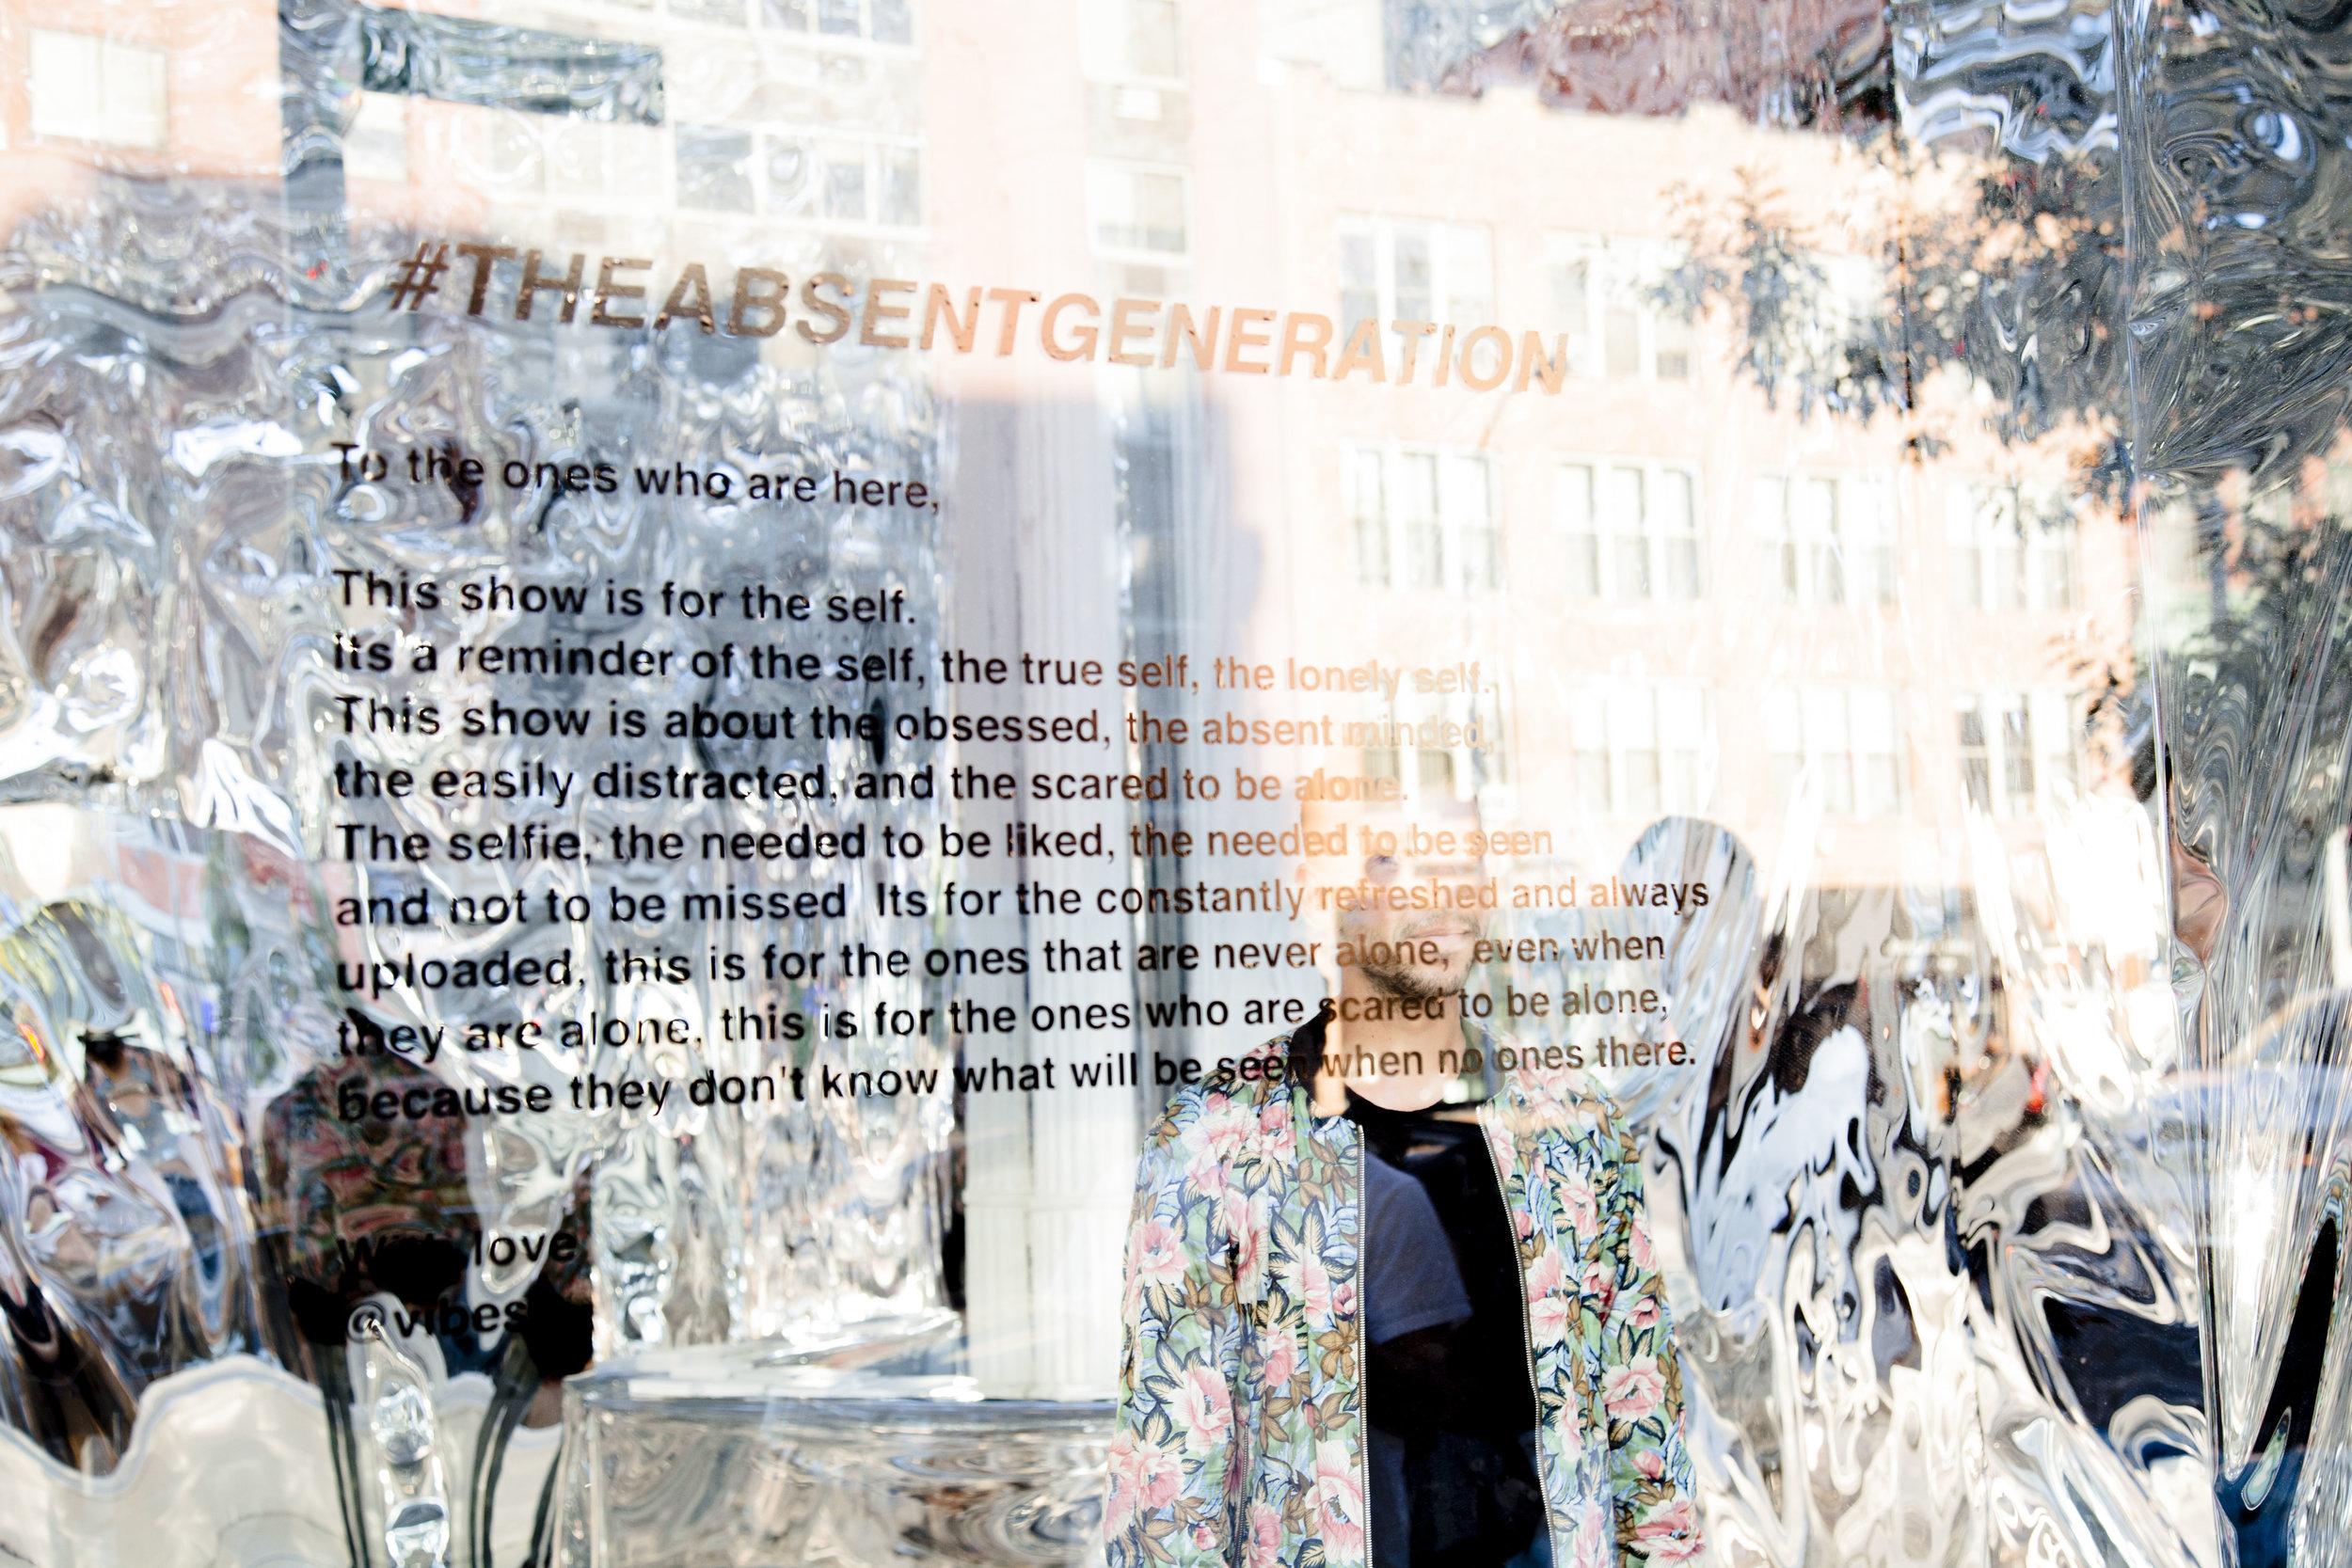 Sonny_TheAbsentGeneration.06.14.16_26.jpg